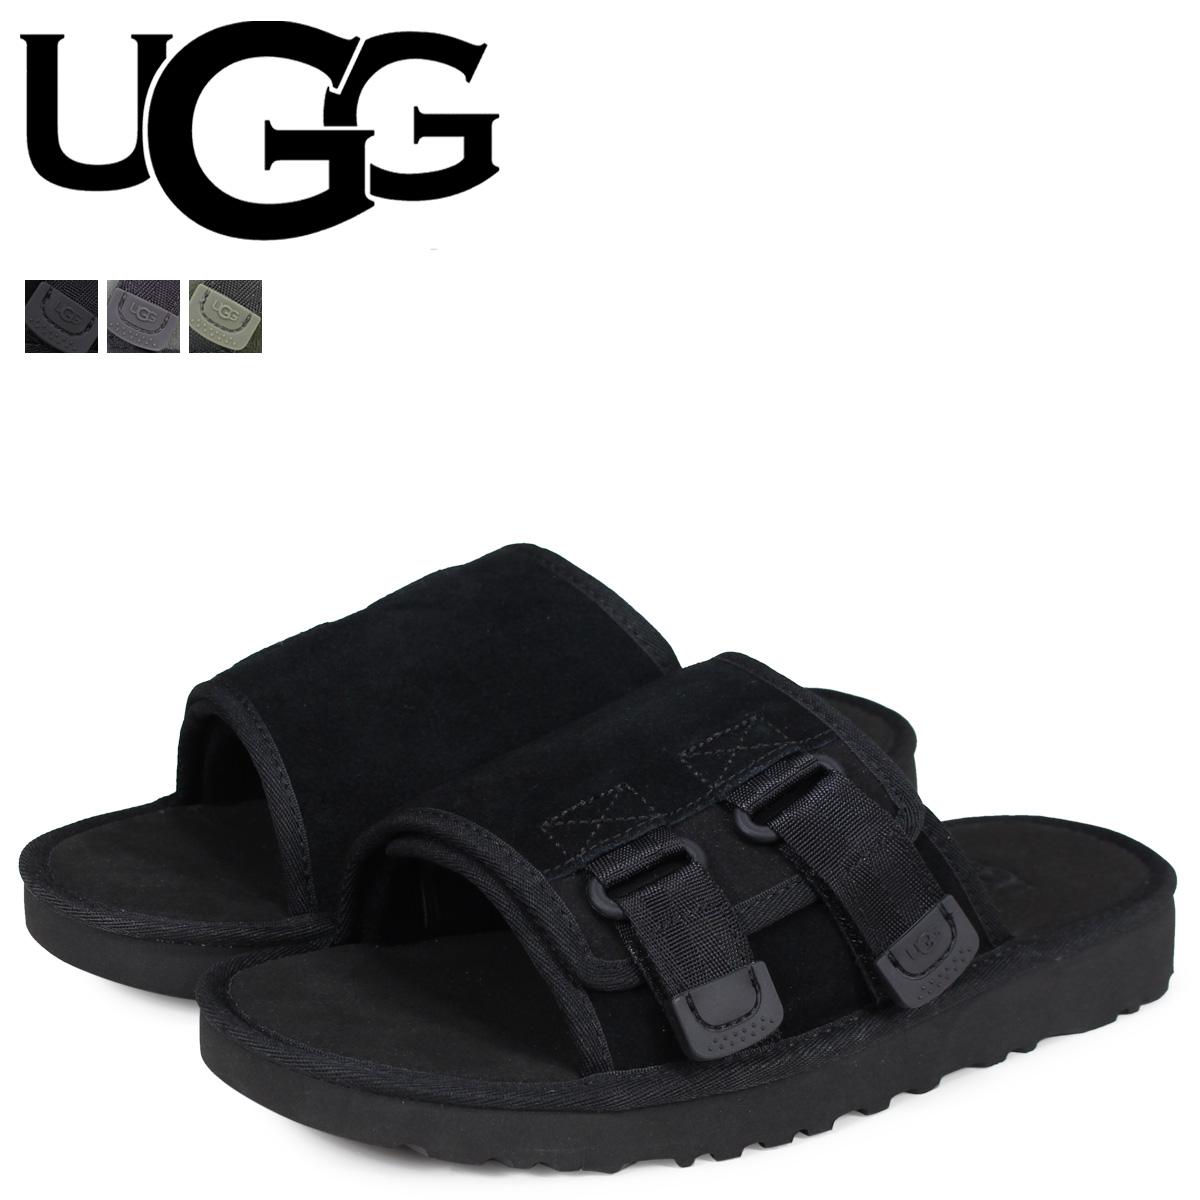 2d889f63b39c12 アグ UGG sandals dune slide men MENS DUNE SLIDE SANDAL black black gray green  1099752 ...